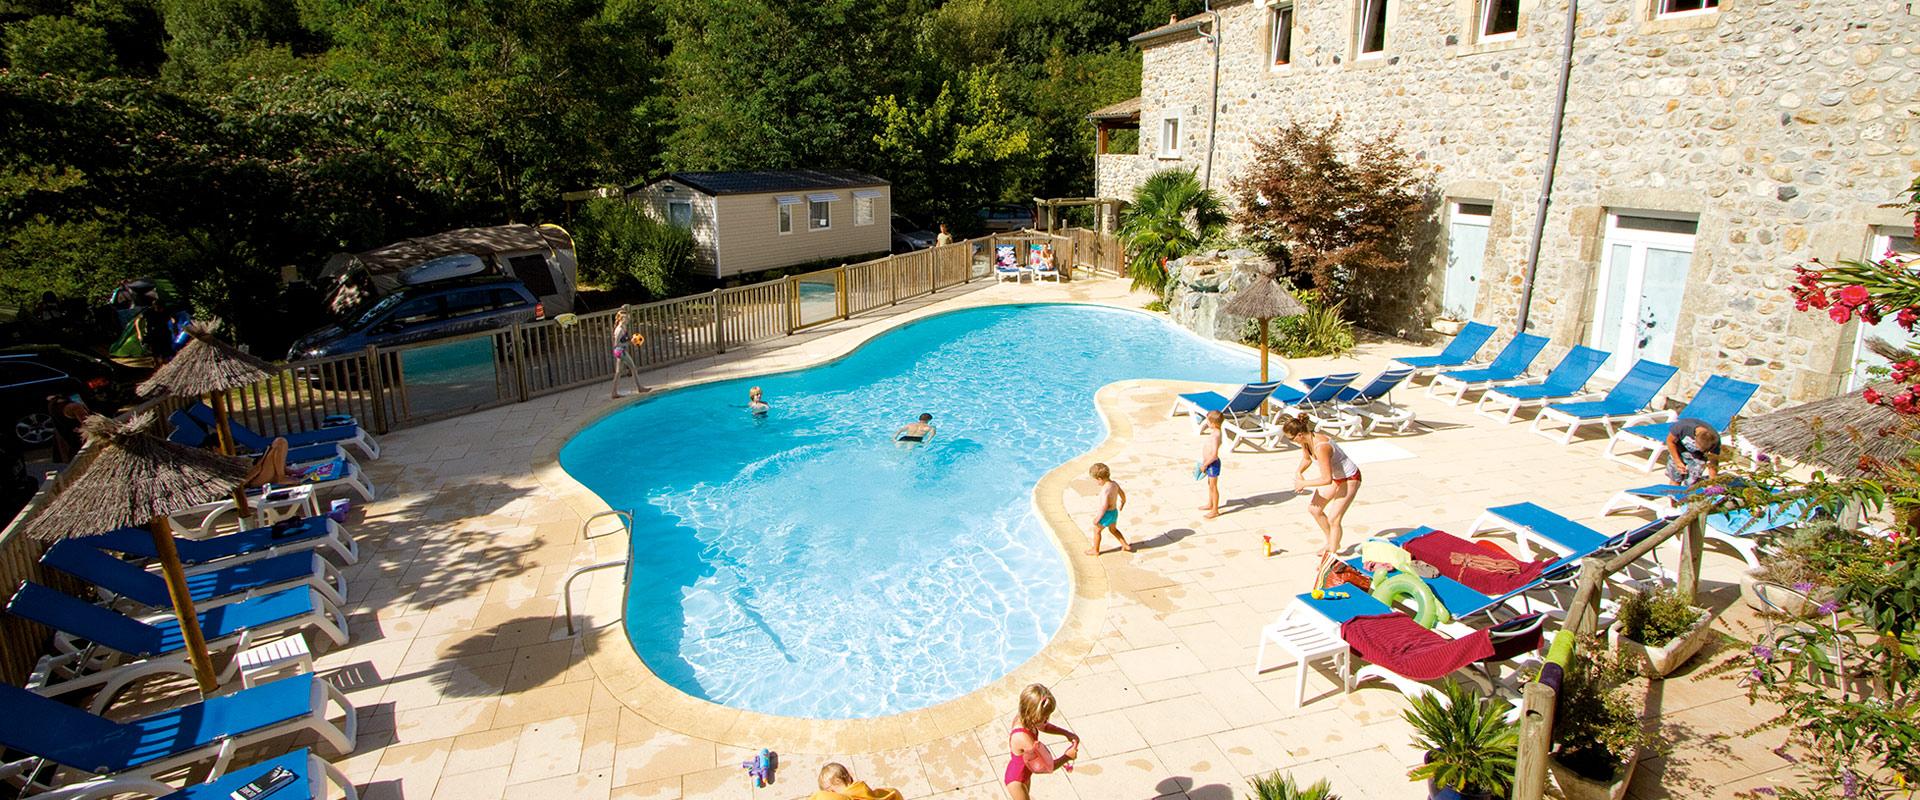 Domaine De La Plage - Neyrac Les Bains - Ardèche - Camping ... à Camping En Ardèche Avec Piscine